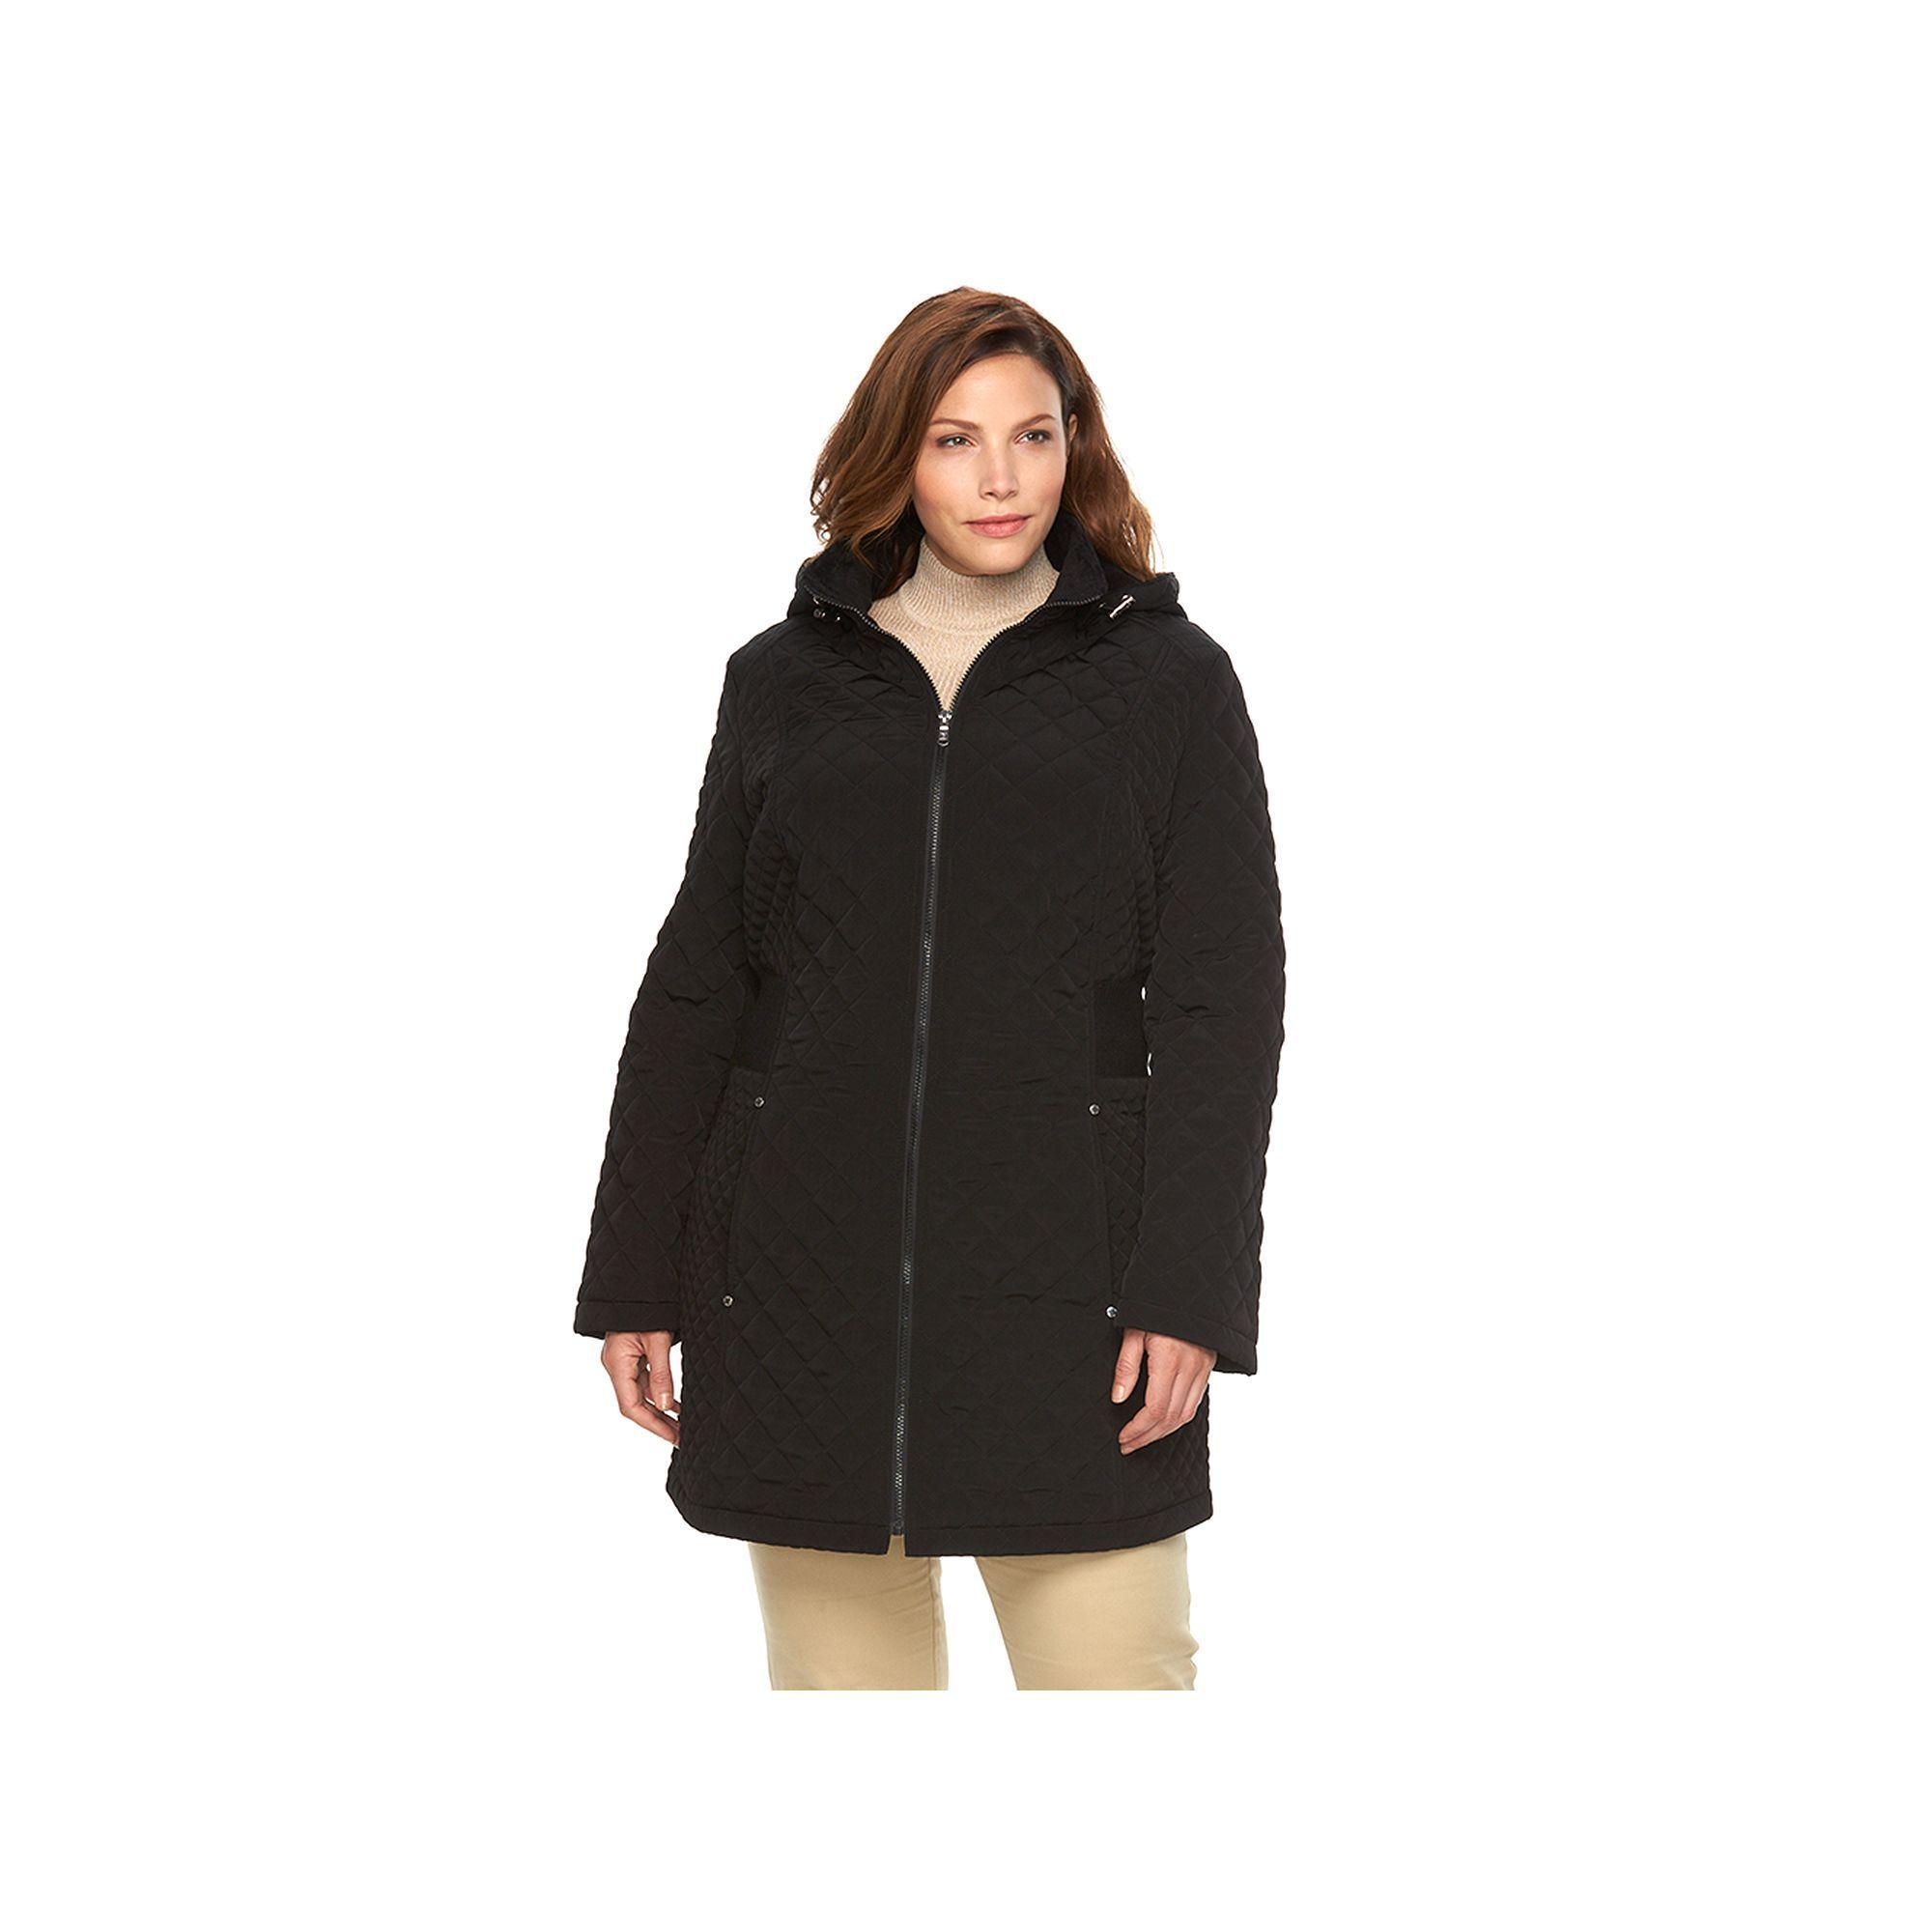 Braetan Plus Size Braetan Long Hooded Quilted Jacket